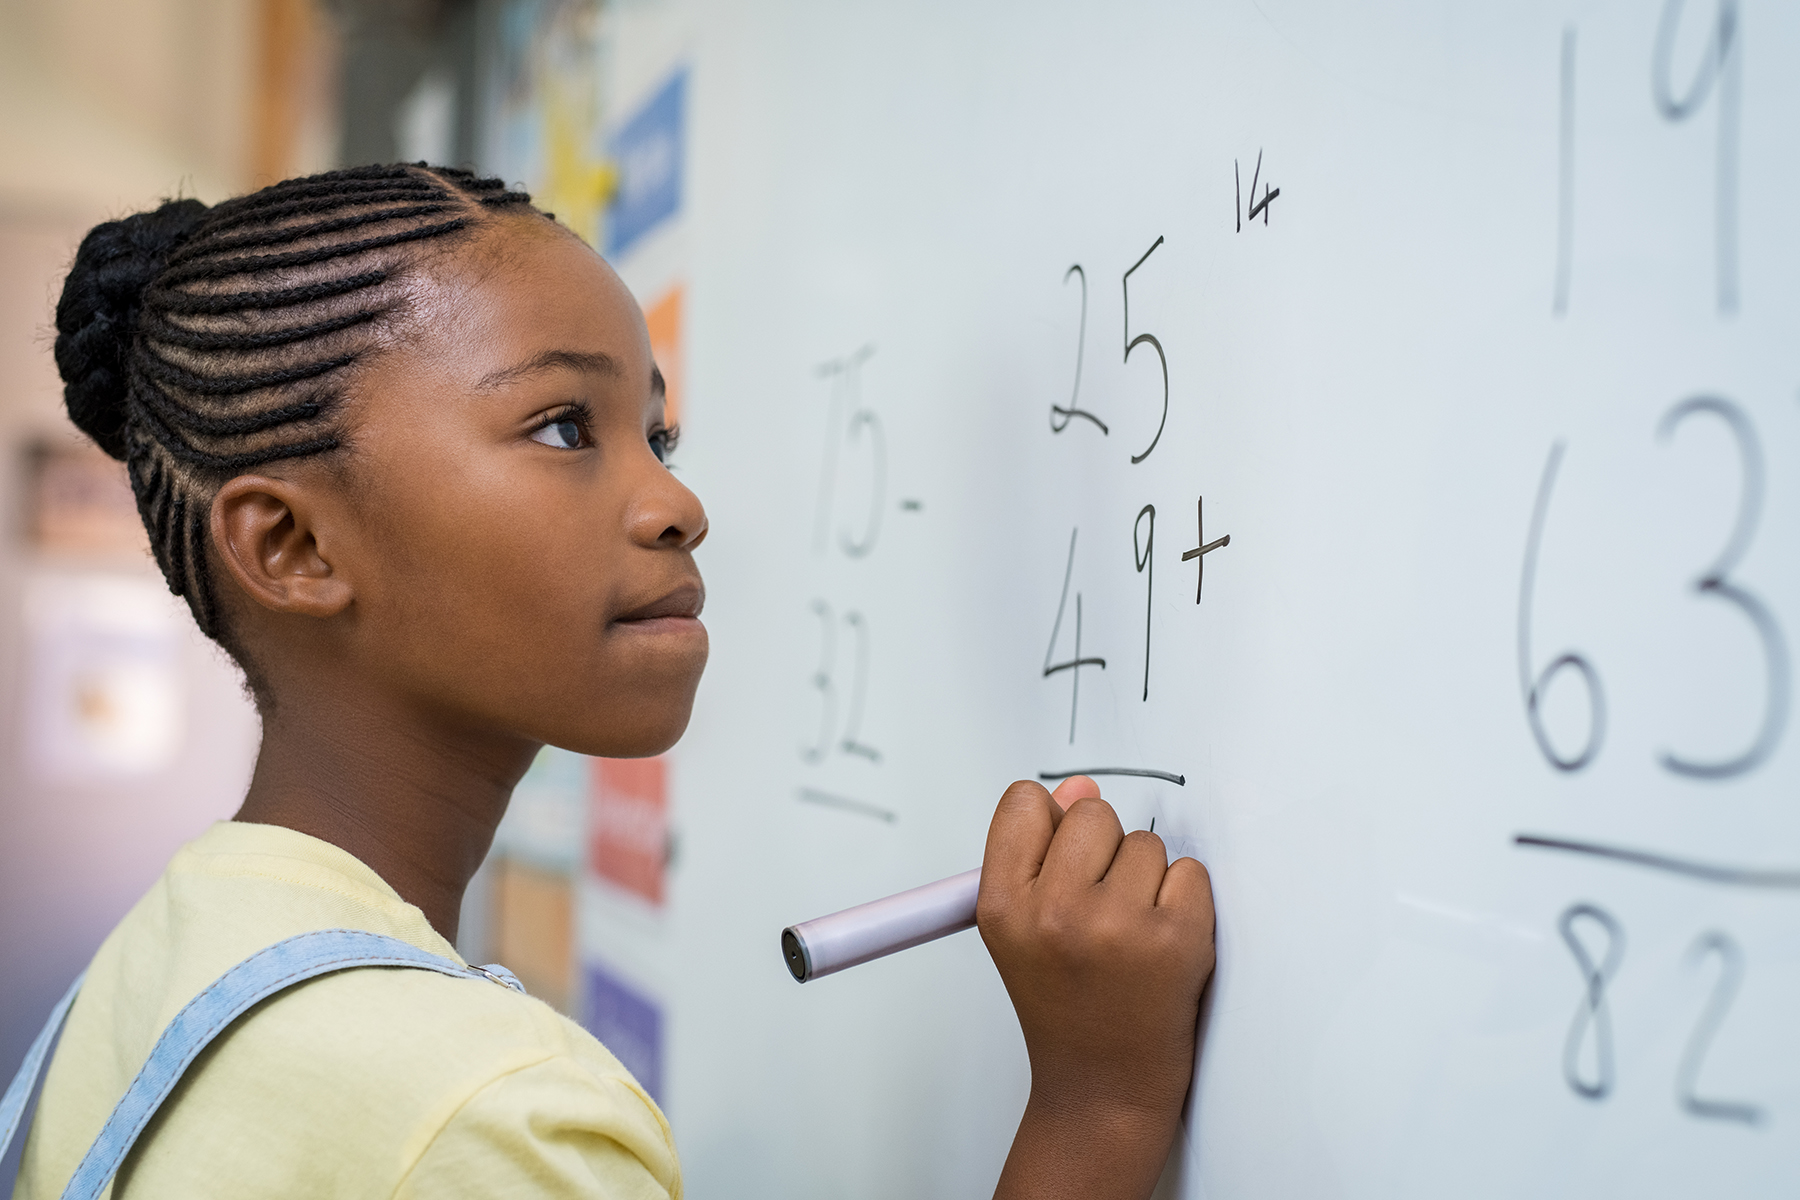 Student at whiteboard in Swiss boarding school